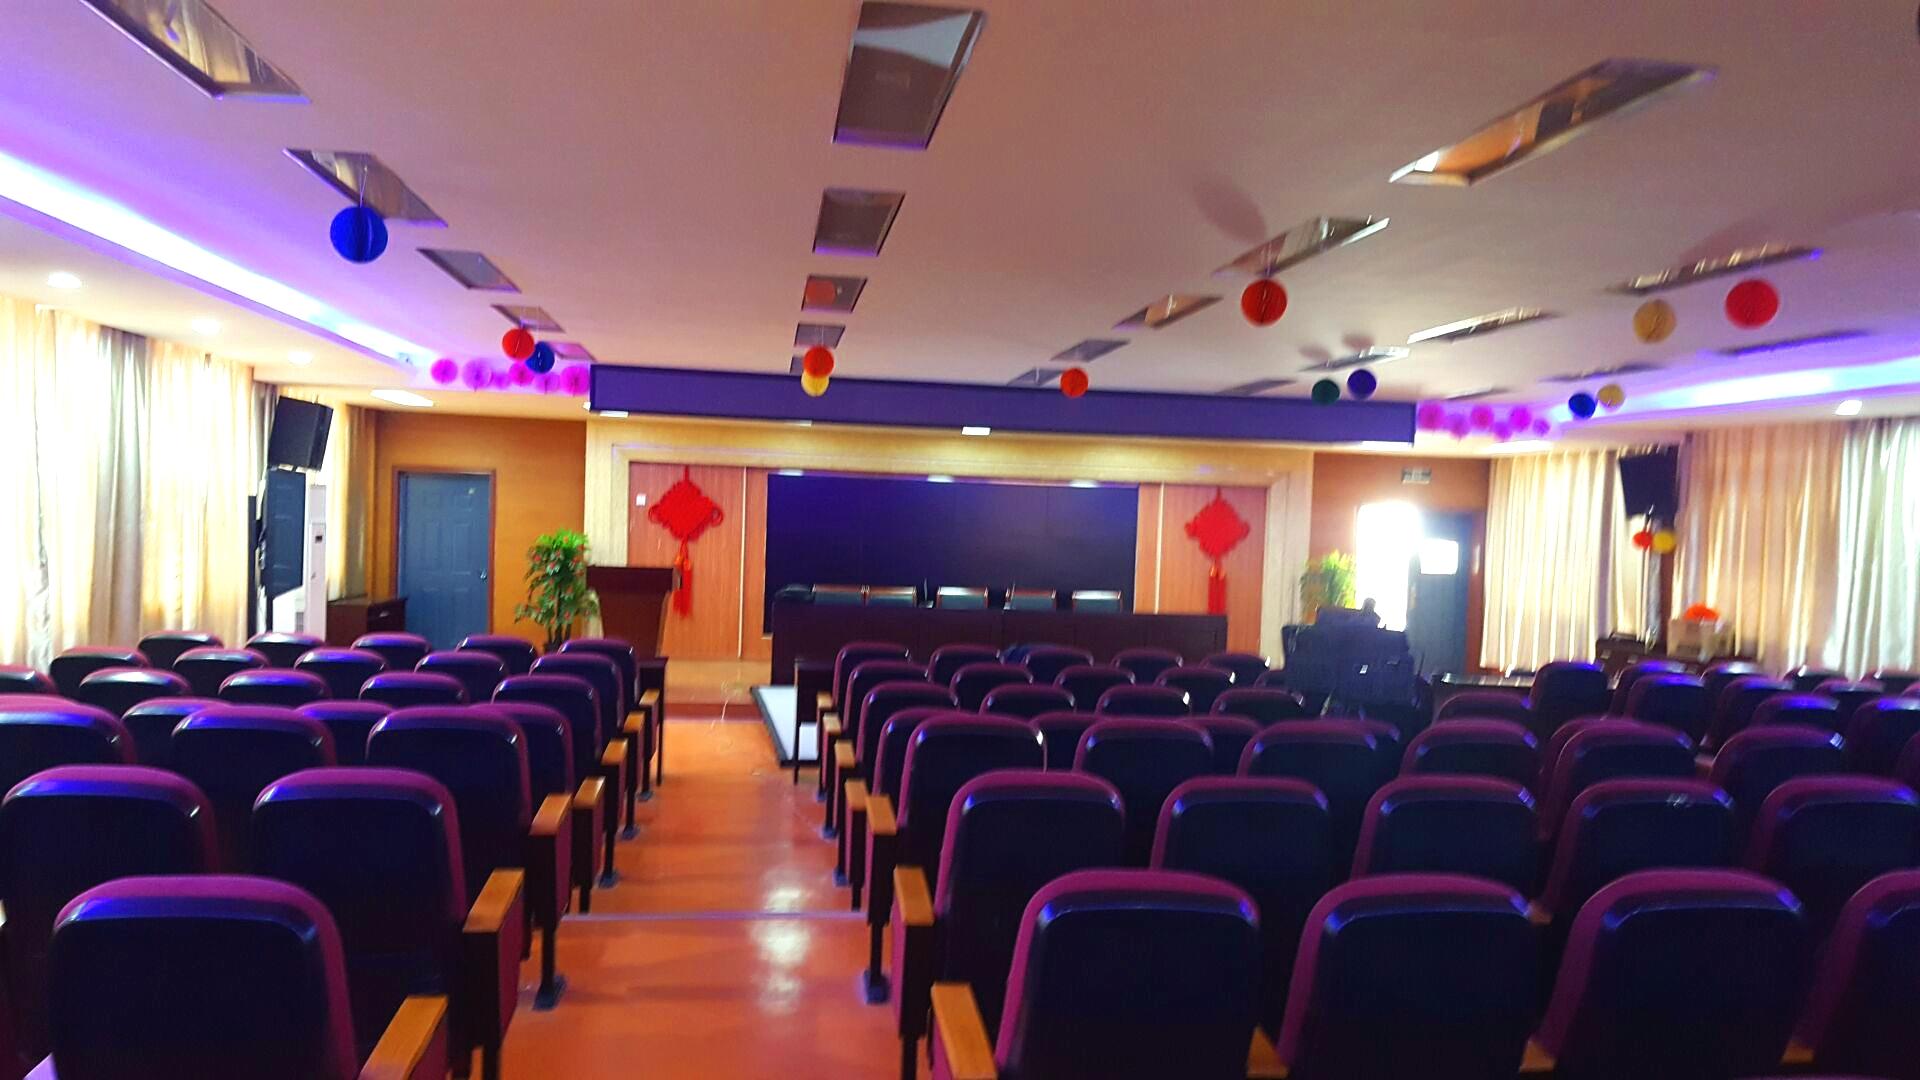 【京邦·会议系统案例】肥西县教育局4所中心校